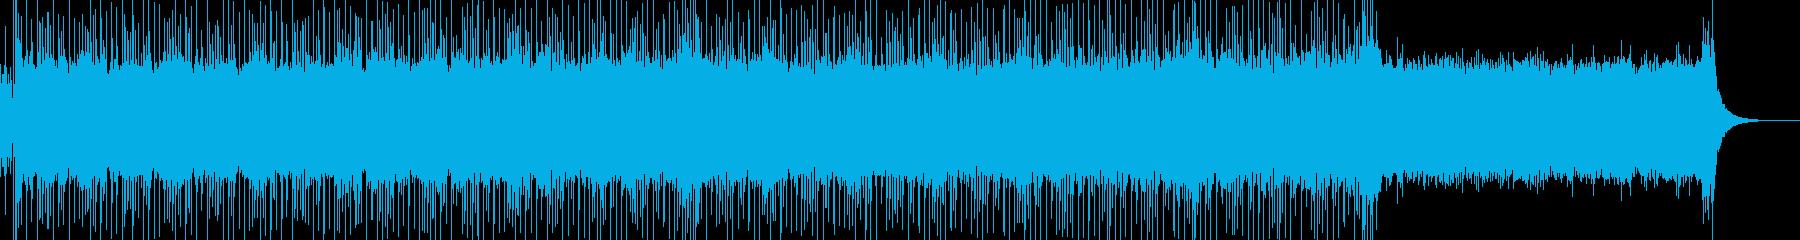 明るくポップな企業イベントVP-31の再生済みの波形